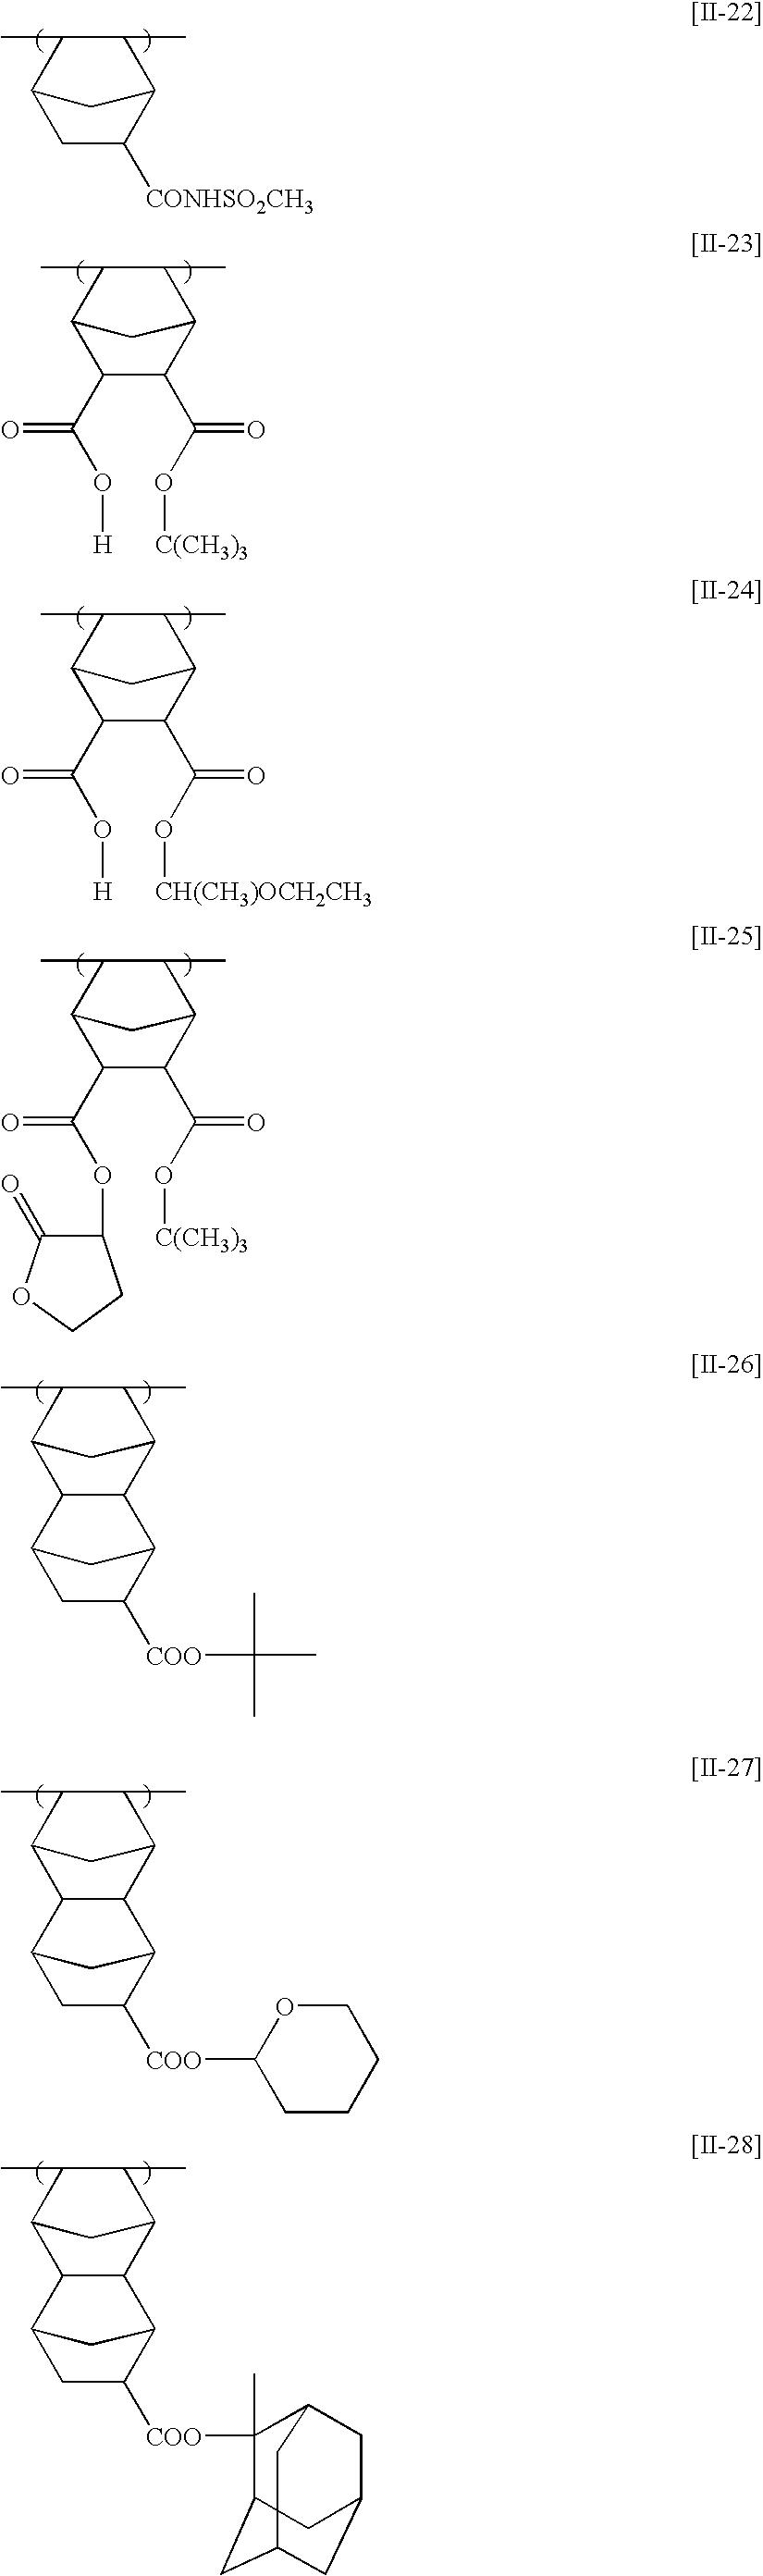 Figure US07998655-20110816-C00013